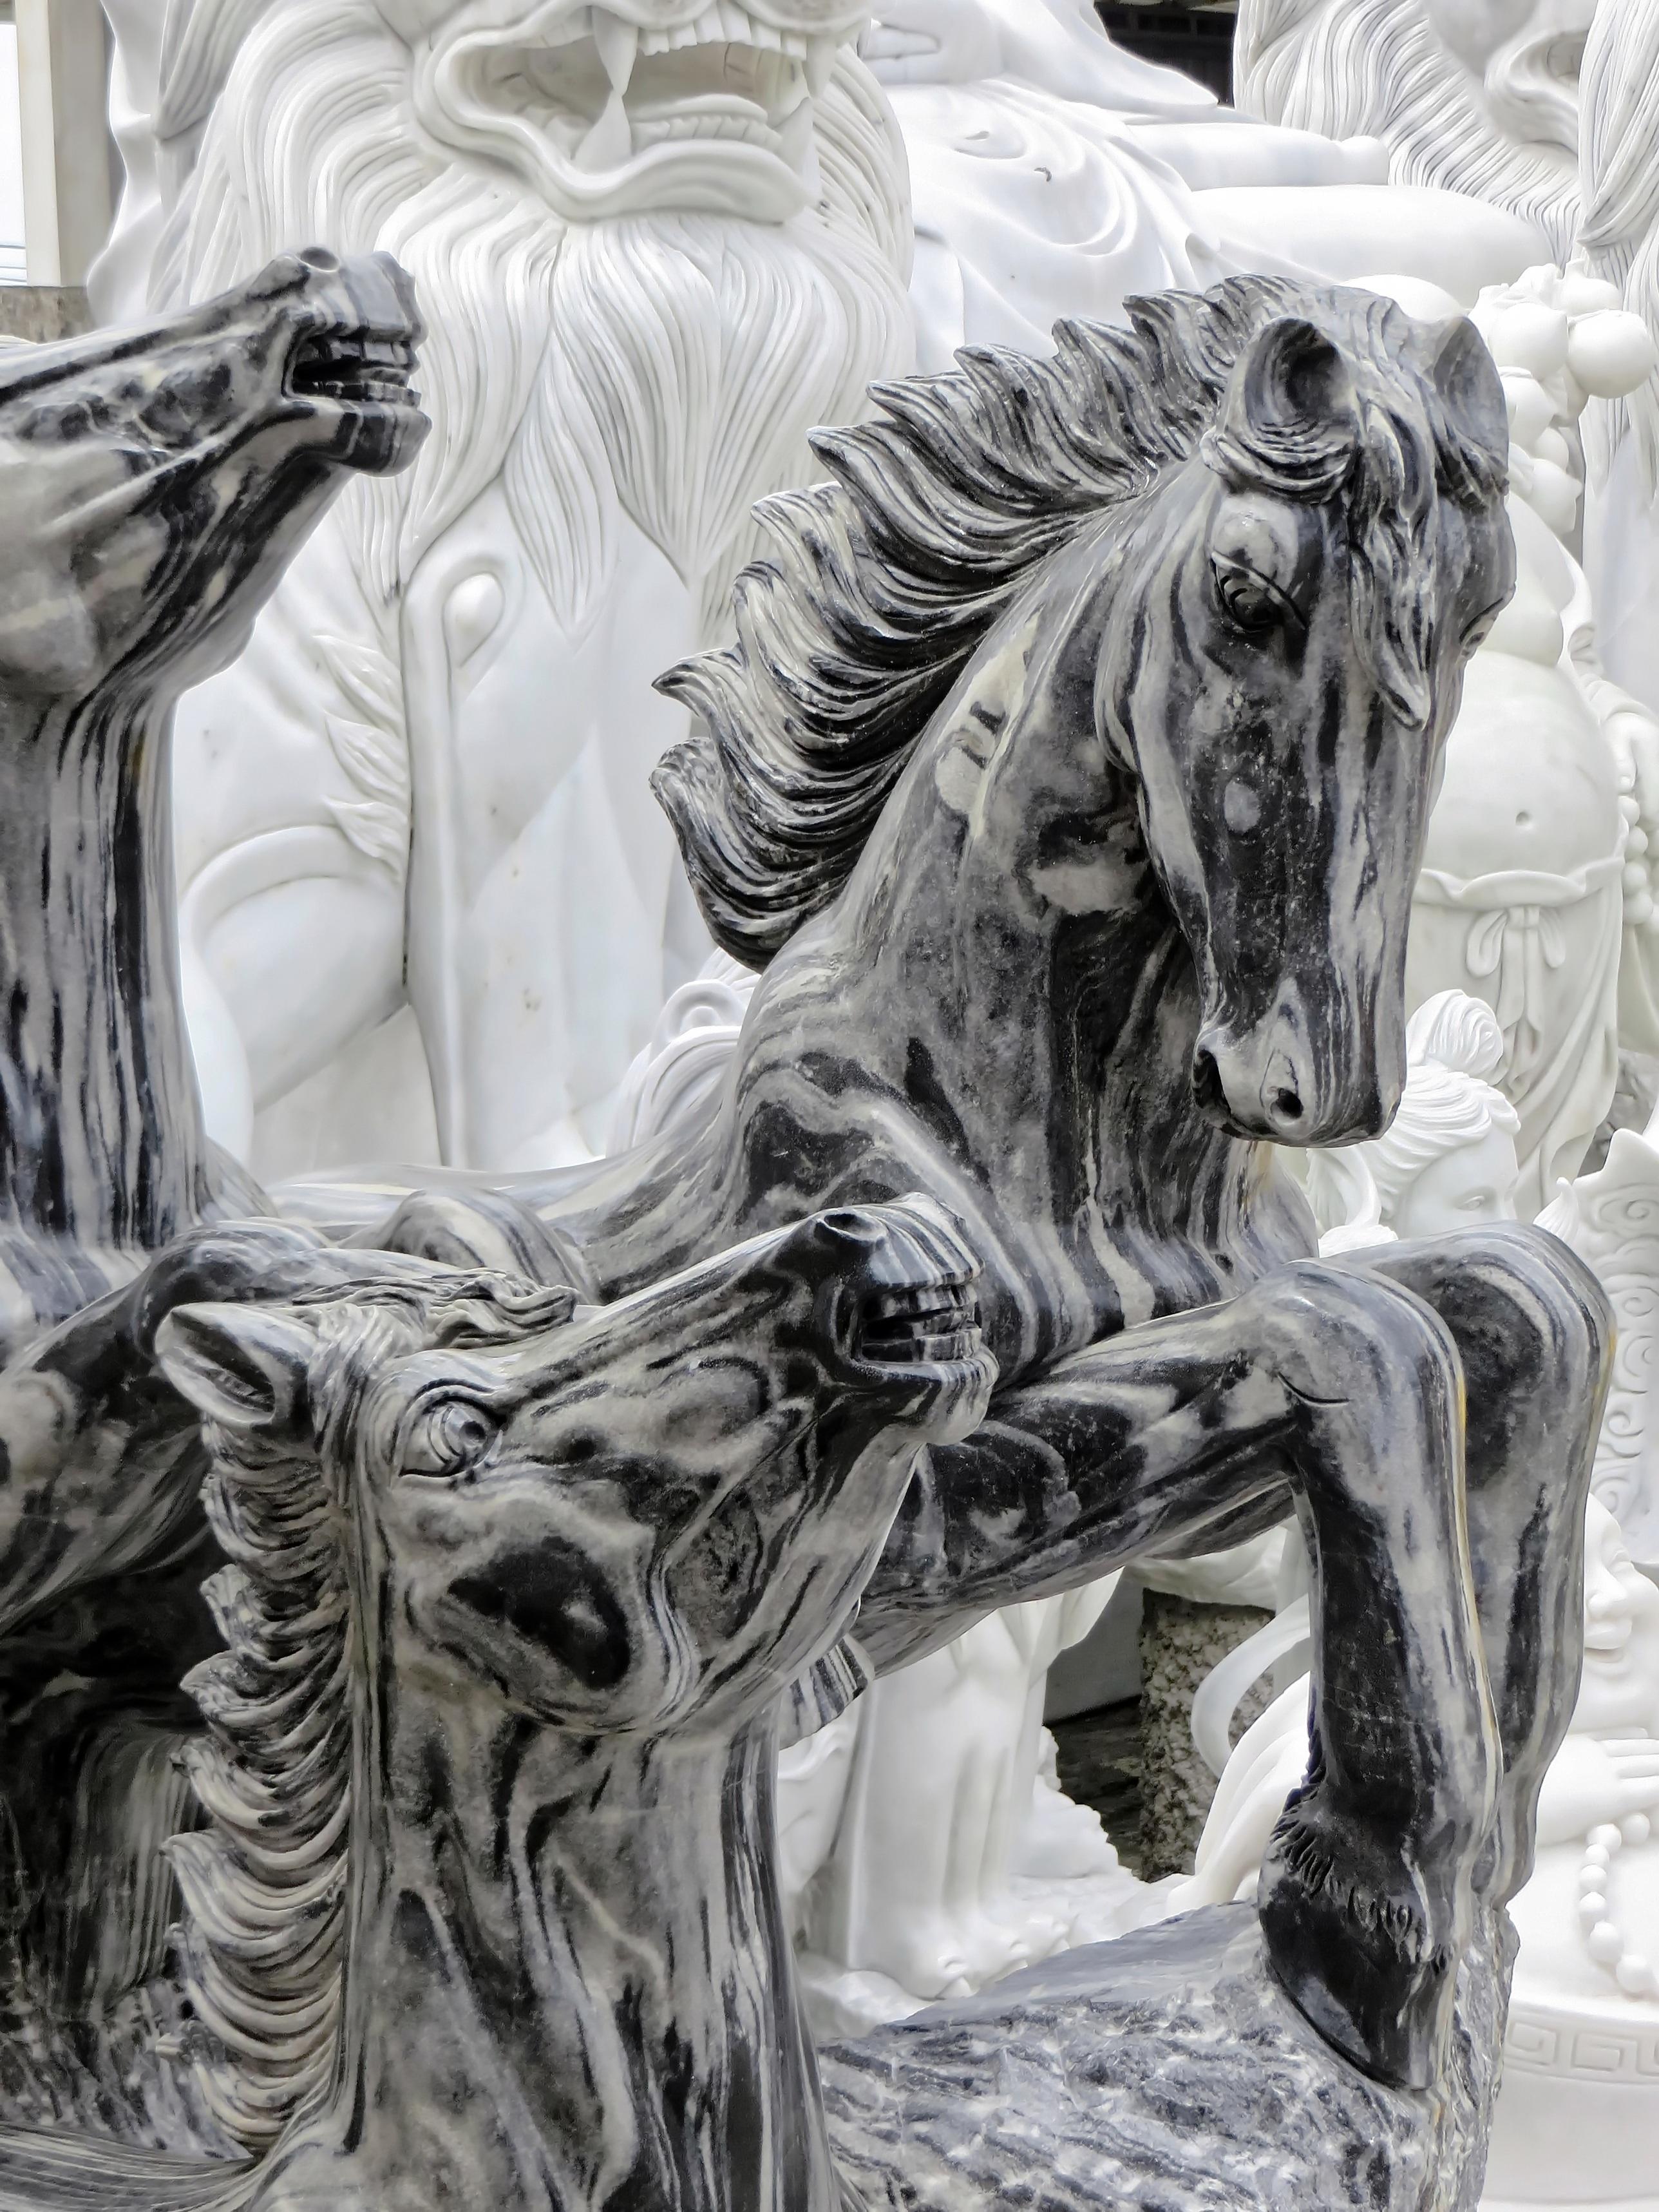 Gambar Monumen Patung Viet Nam Kuda Seni Sketsa